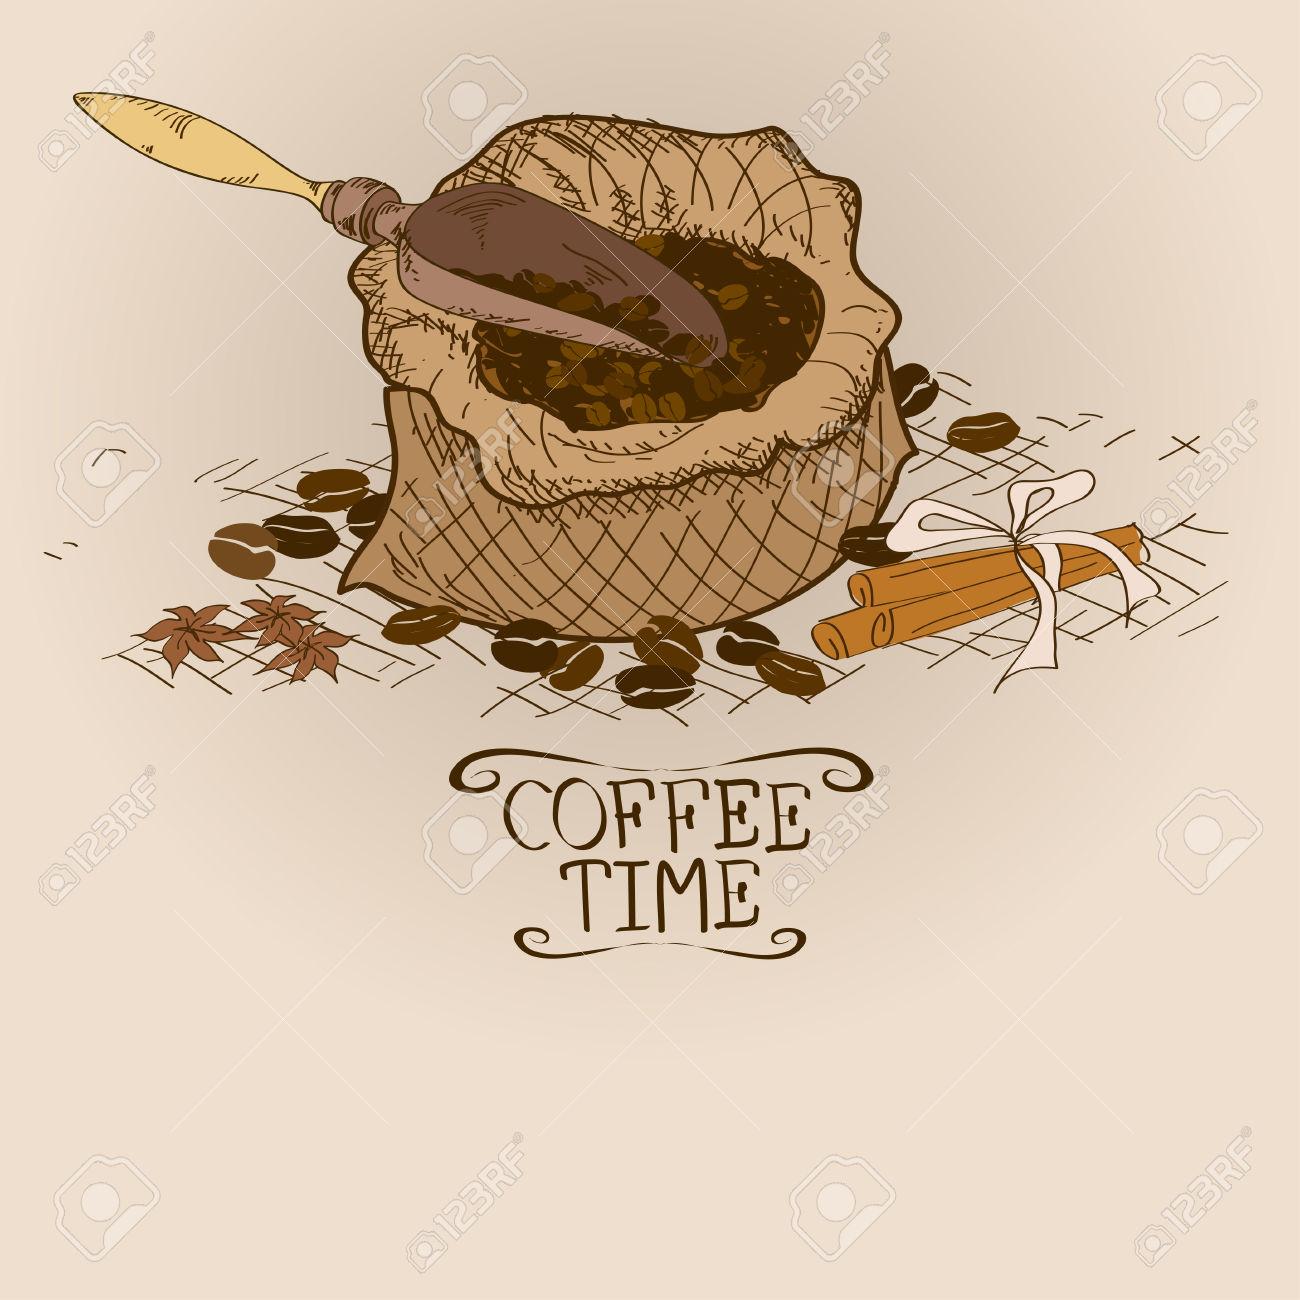 Illustrazione Con Il Sacchetto Di Caffè, Paletta, Spezie E Fagioli.